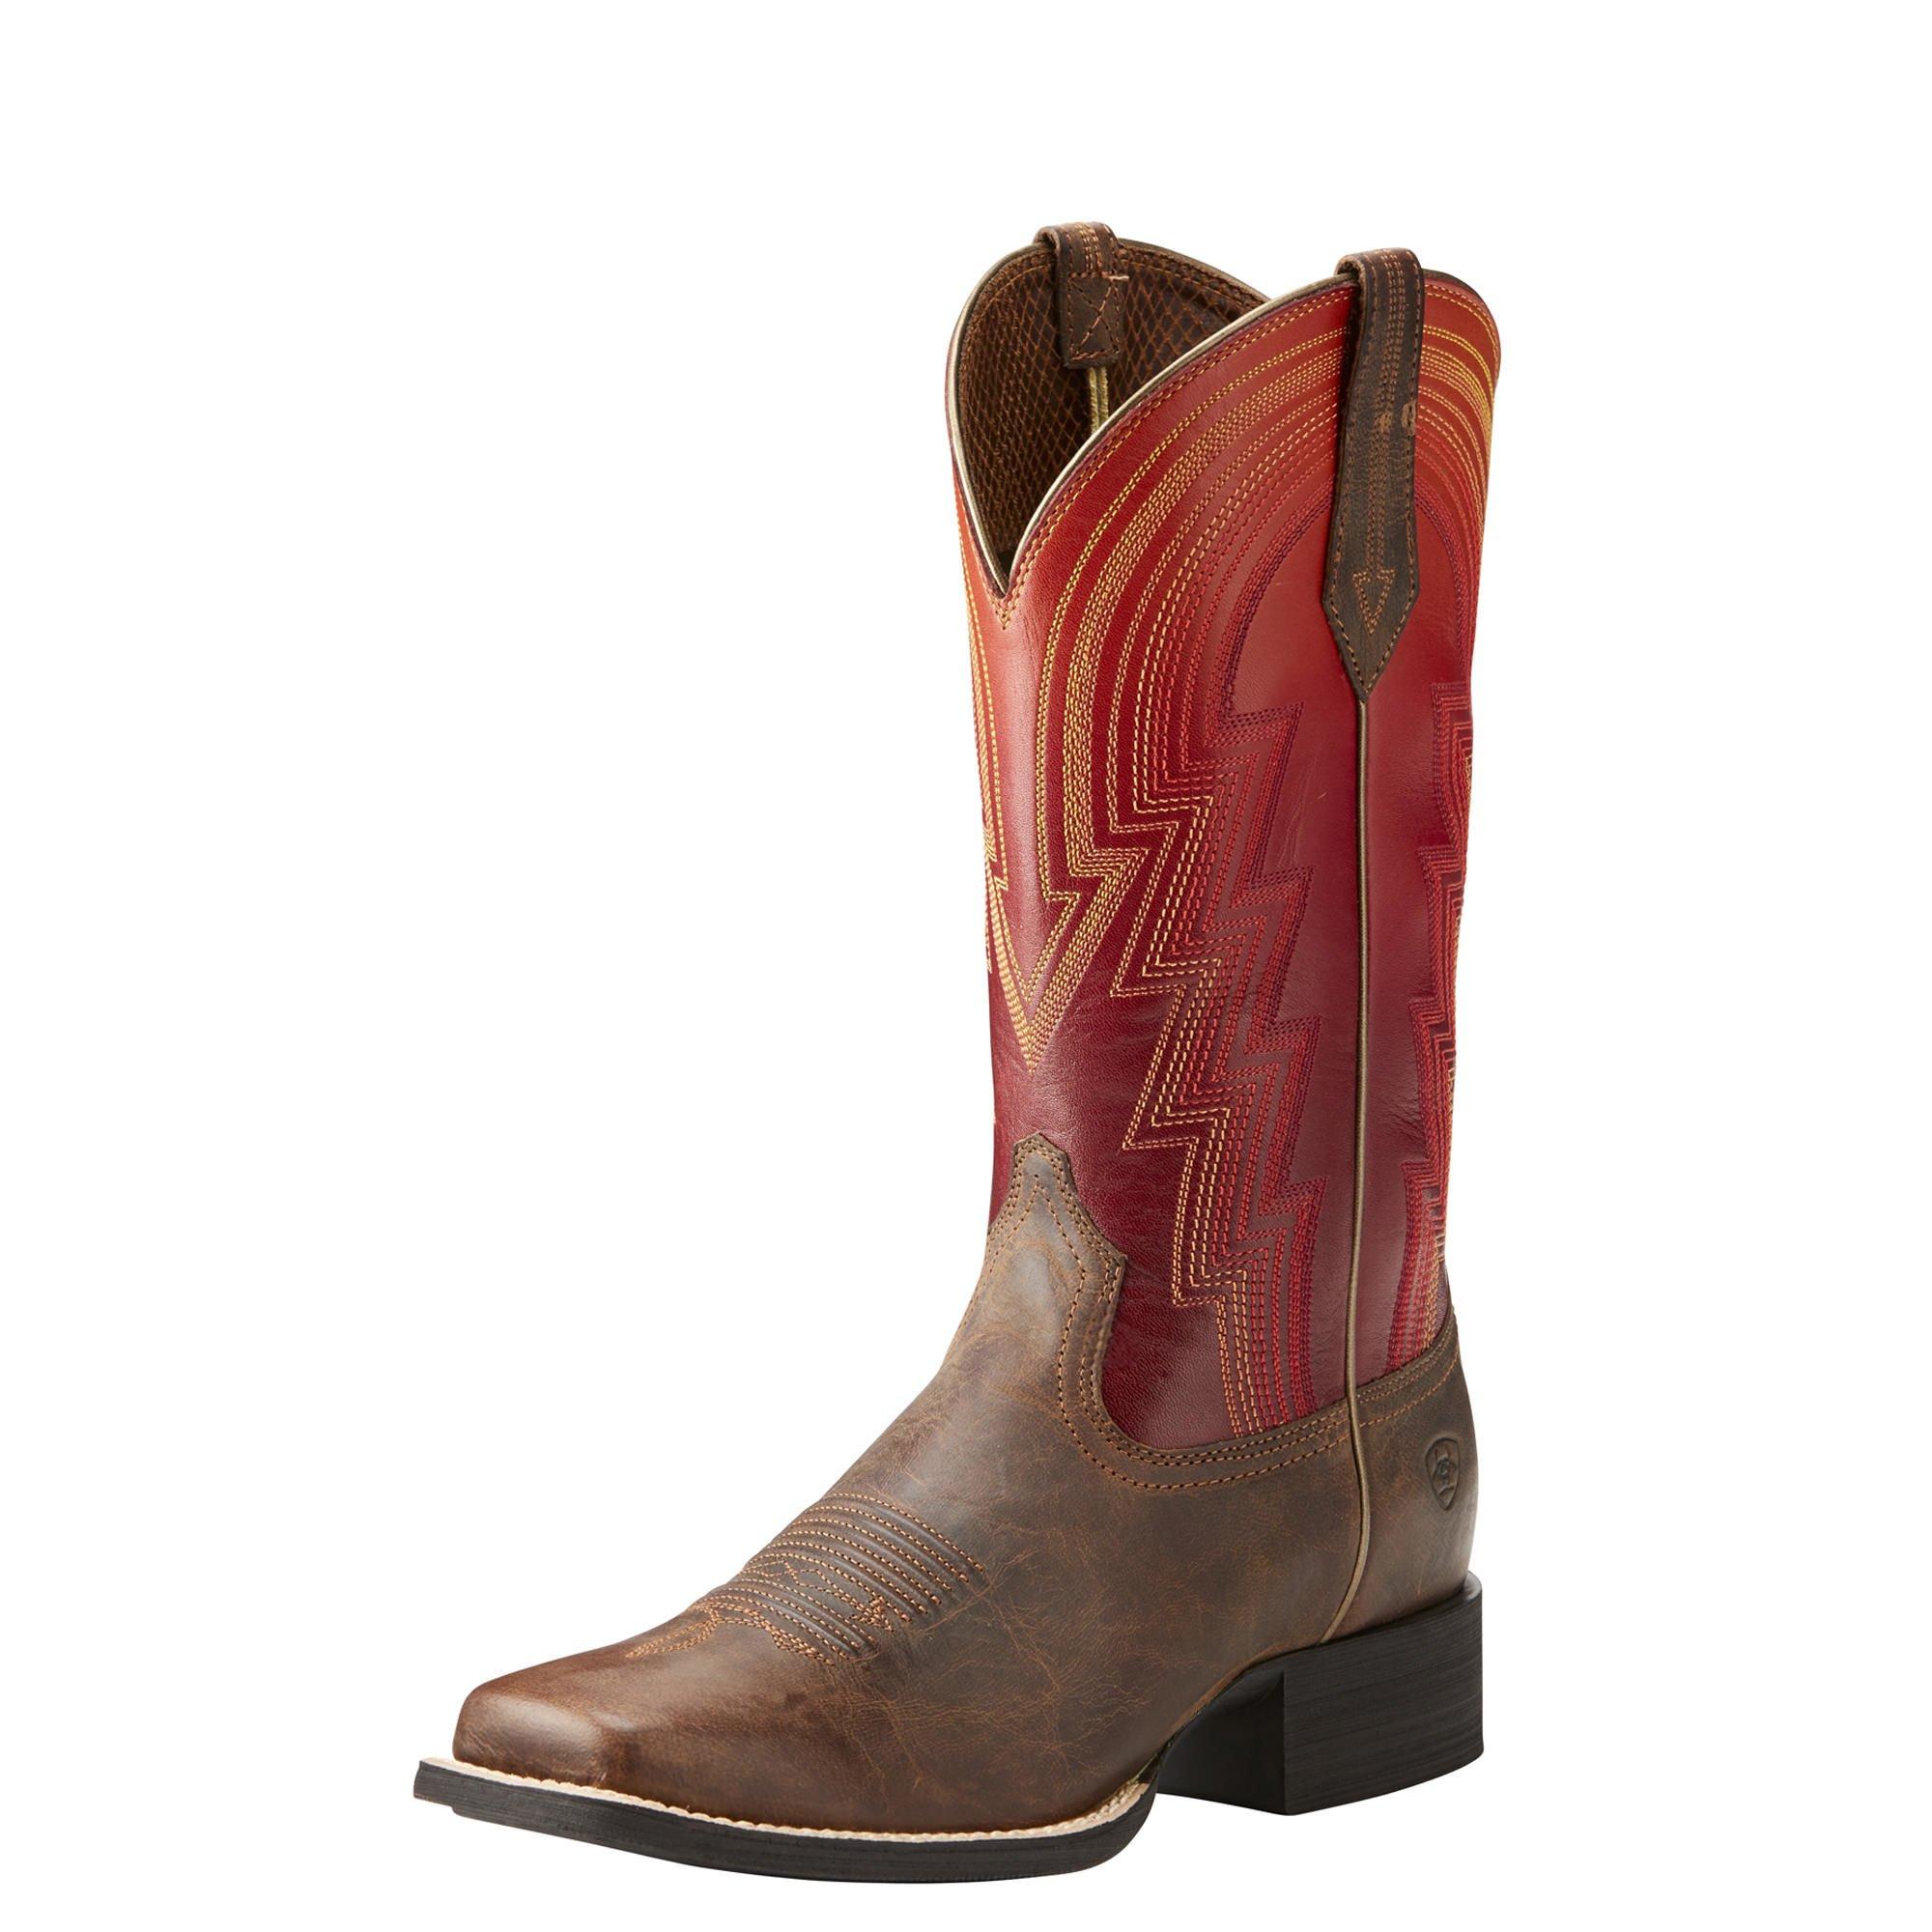 Ariat Women's Round up Waylon Work Boot, Rodeo Tan, 11 B US